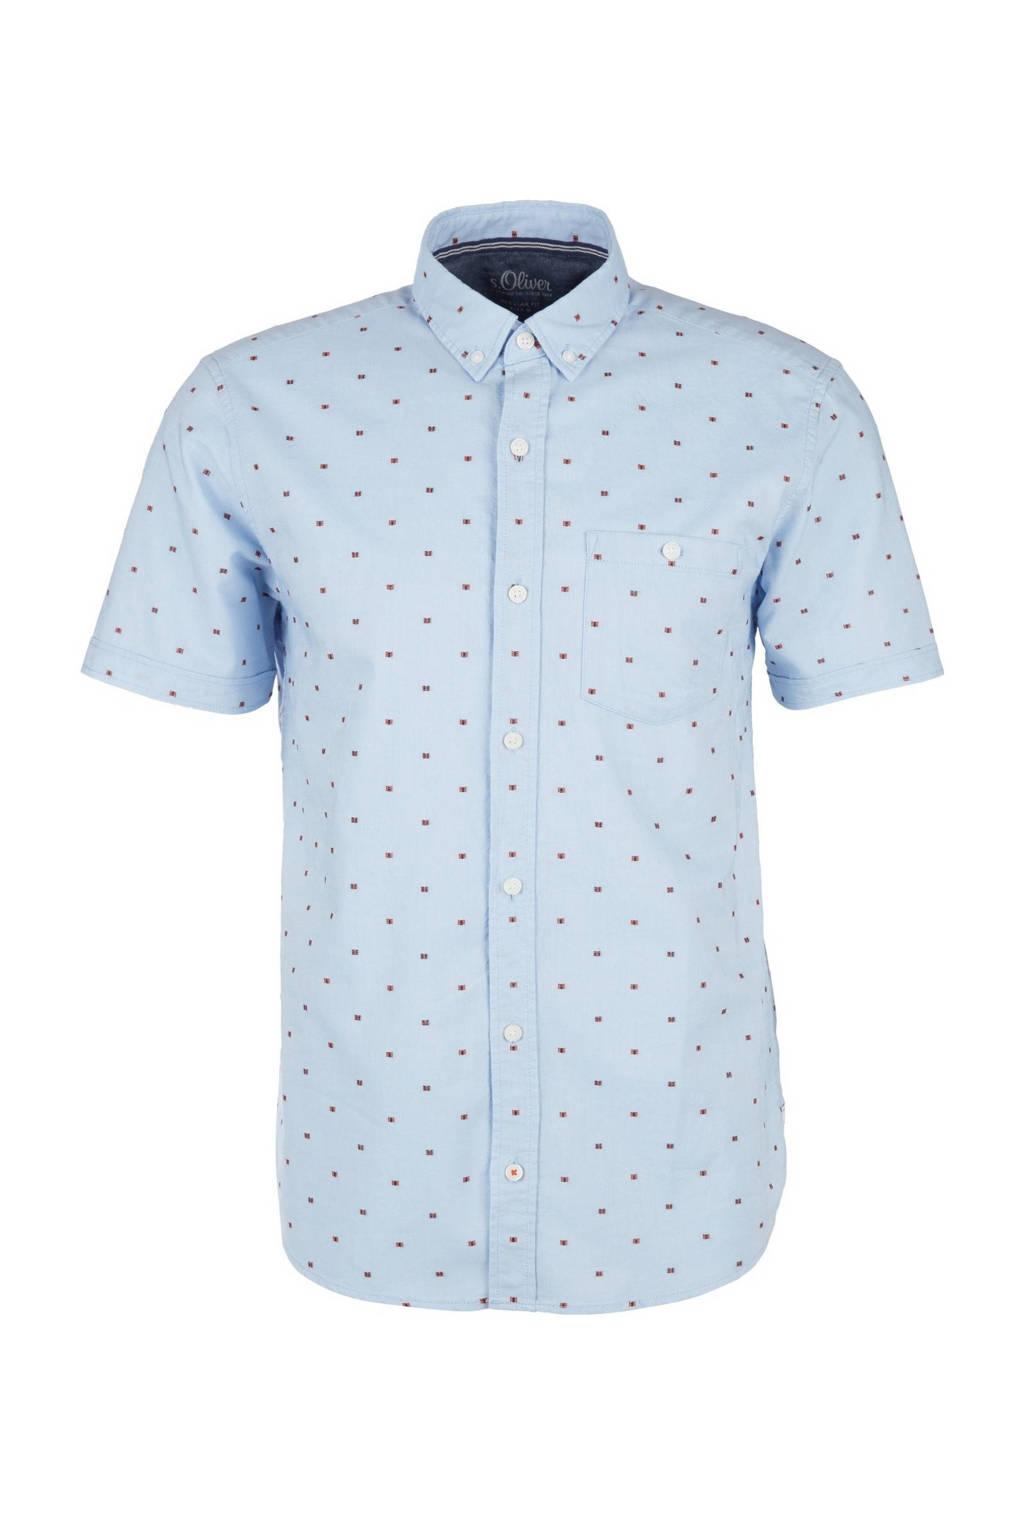 s.Oliver regular fit overhemd met all over print lichtblauw, Lichtblauw